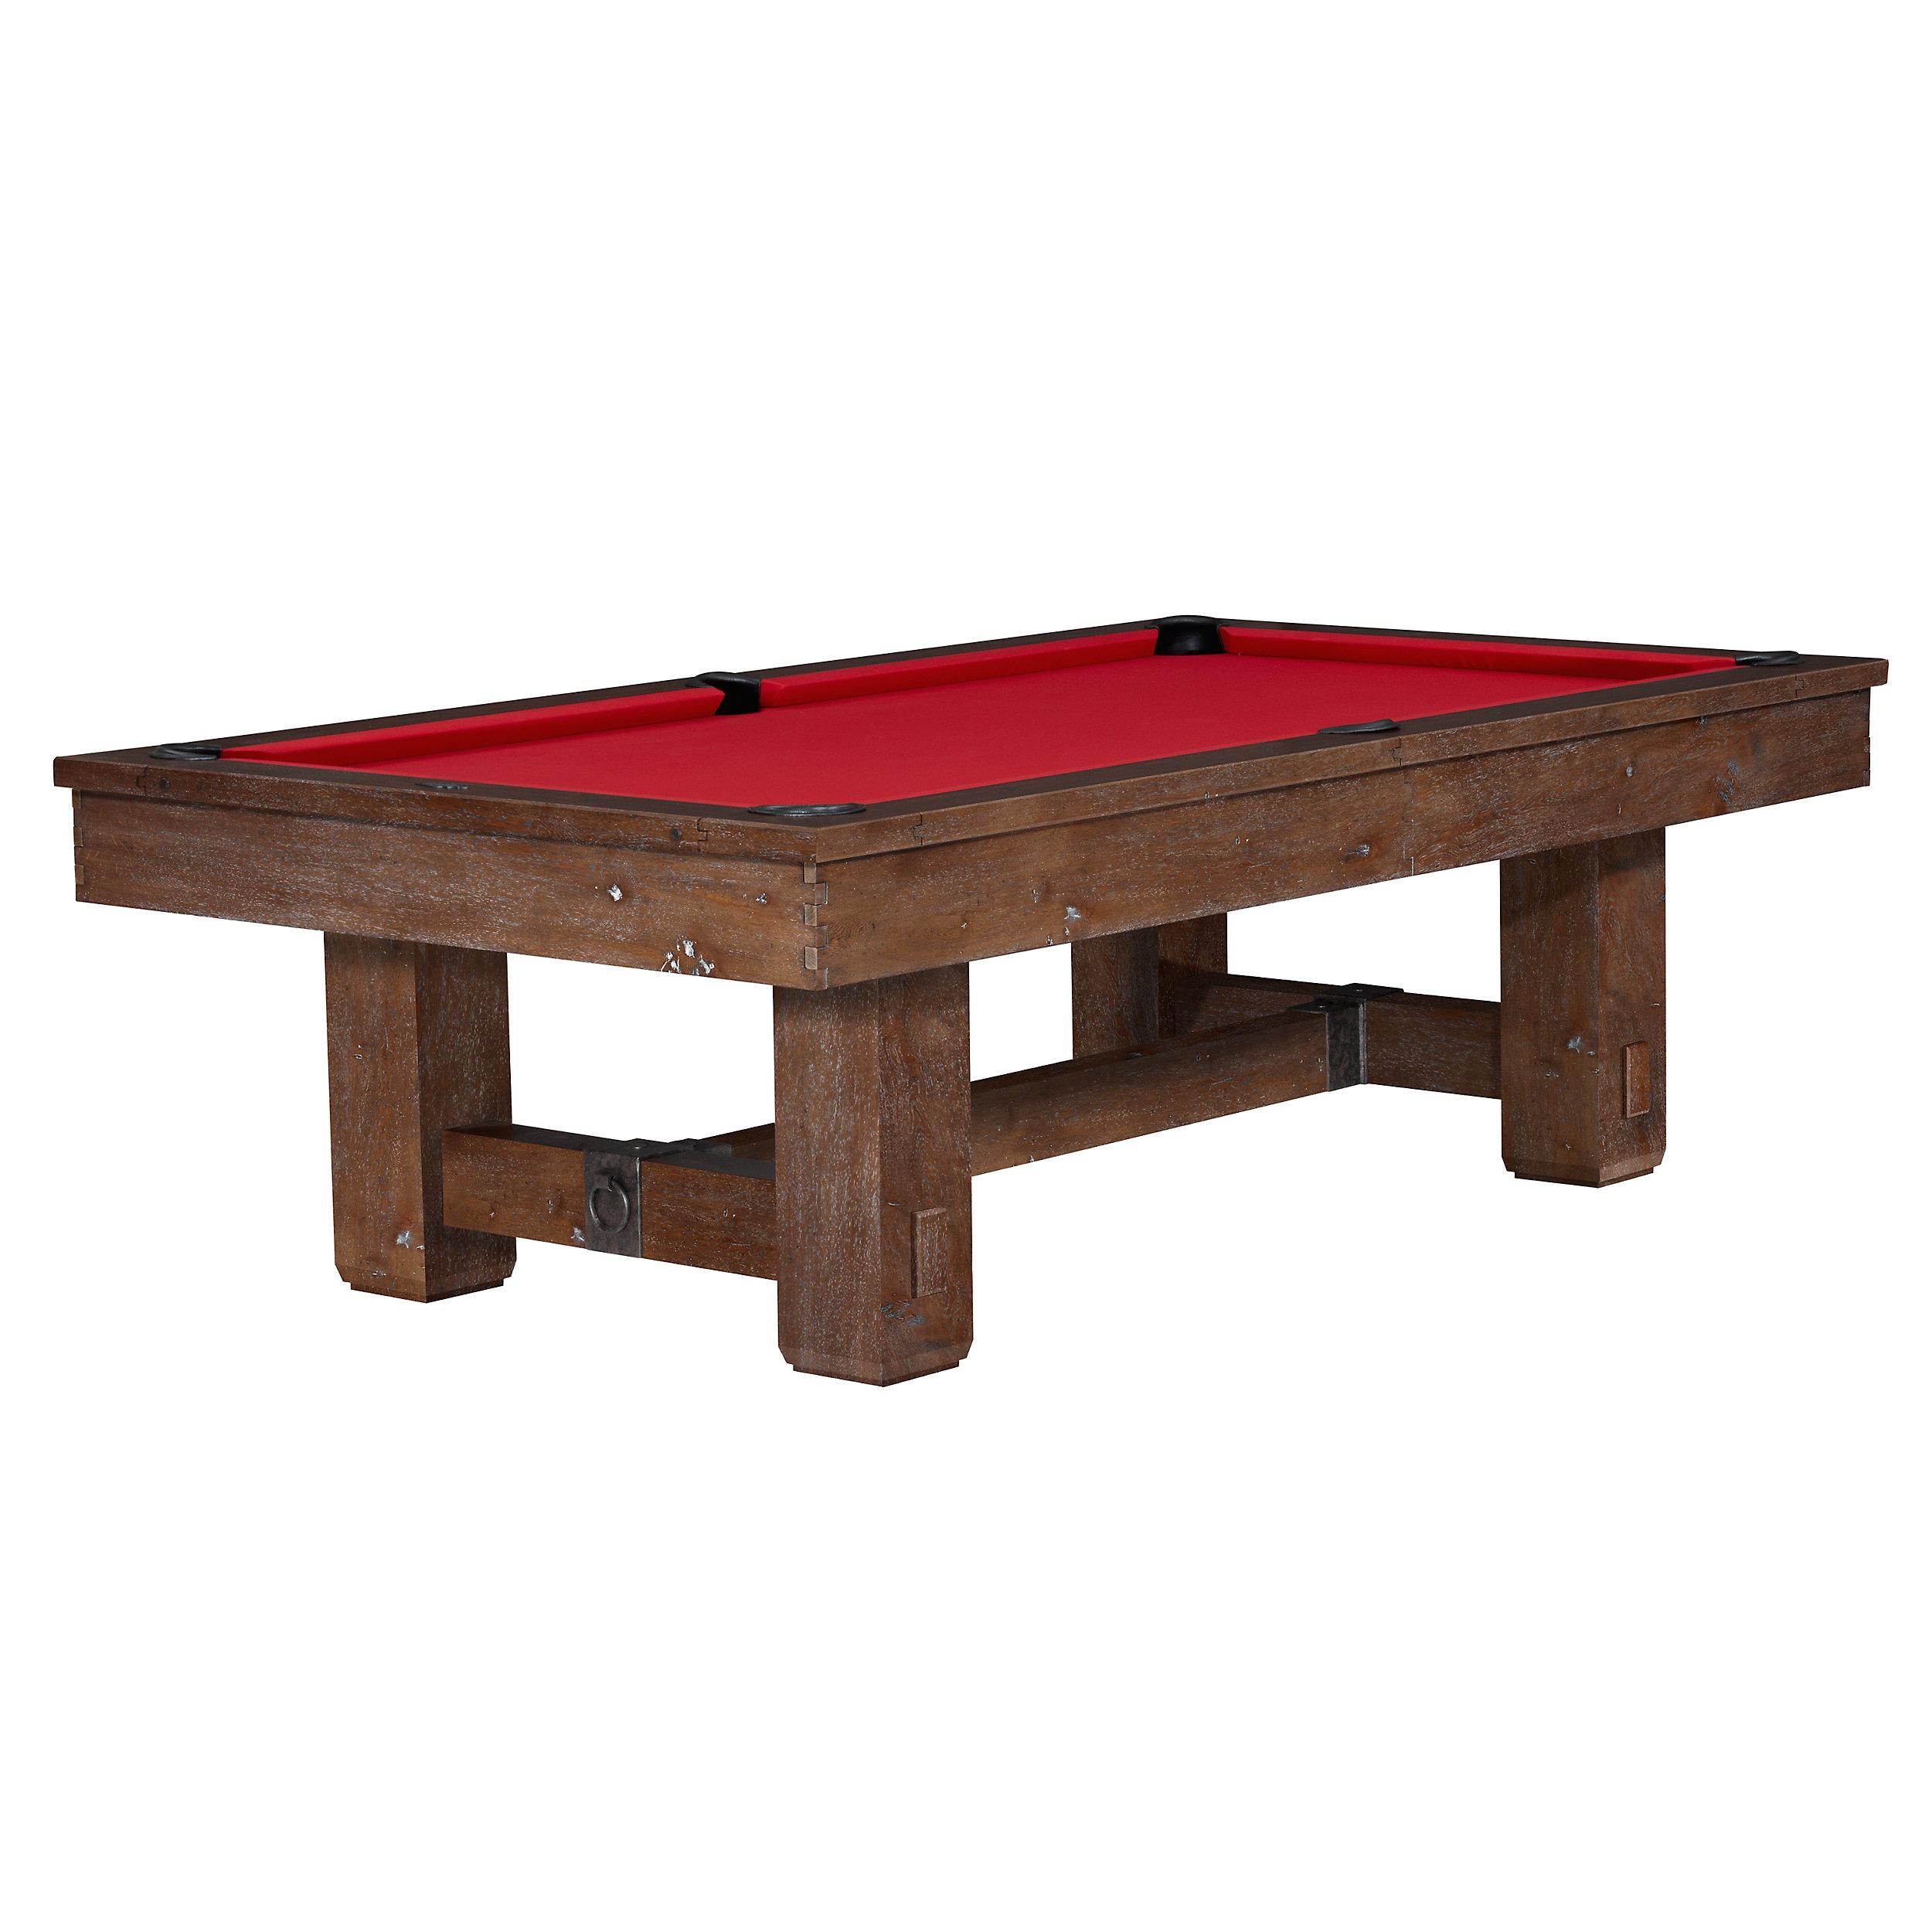 Merrimack Pool Table Las Vegas Pool Table - Brunswick mission pool table